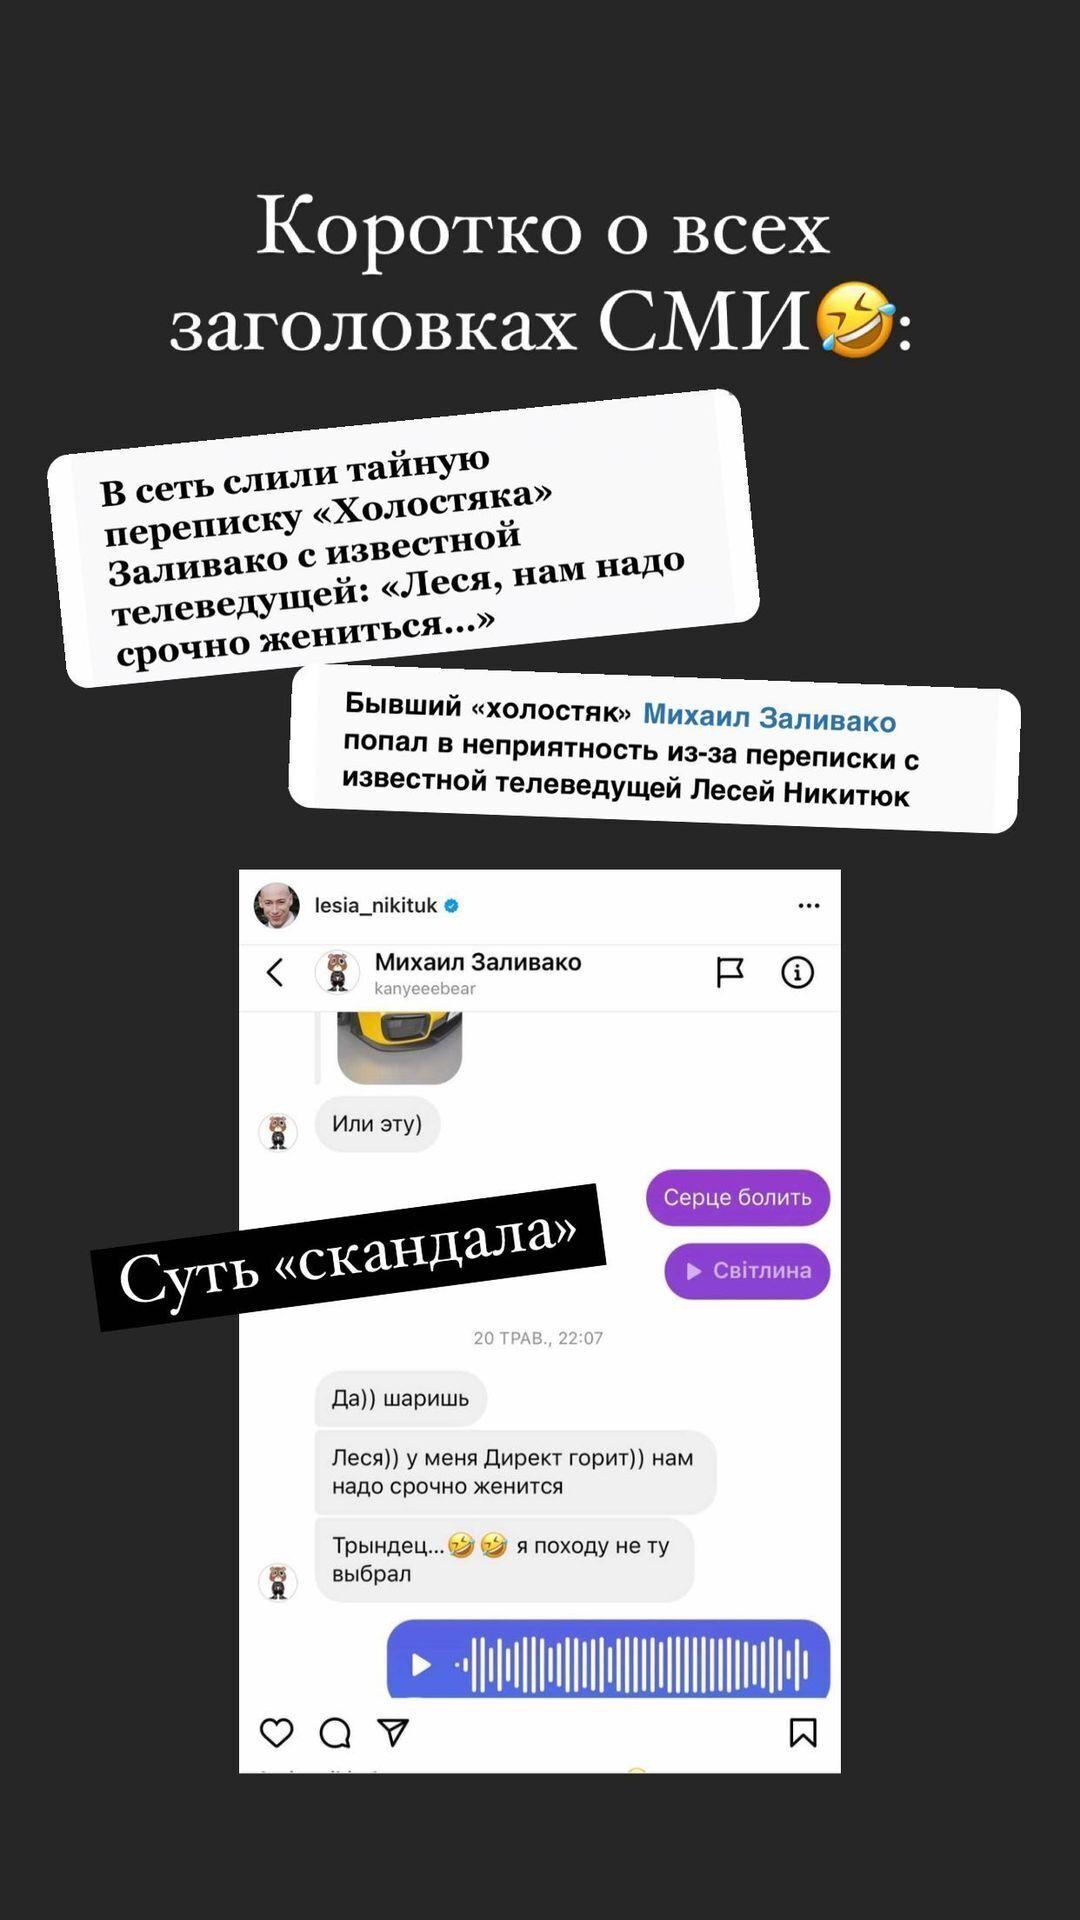 Анна Богдан отреагировала на скандальную переписку Заливако с Никитюк